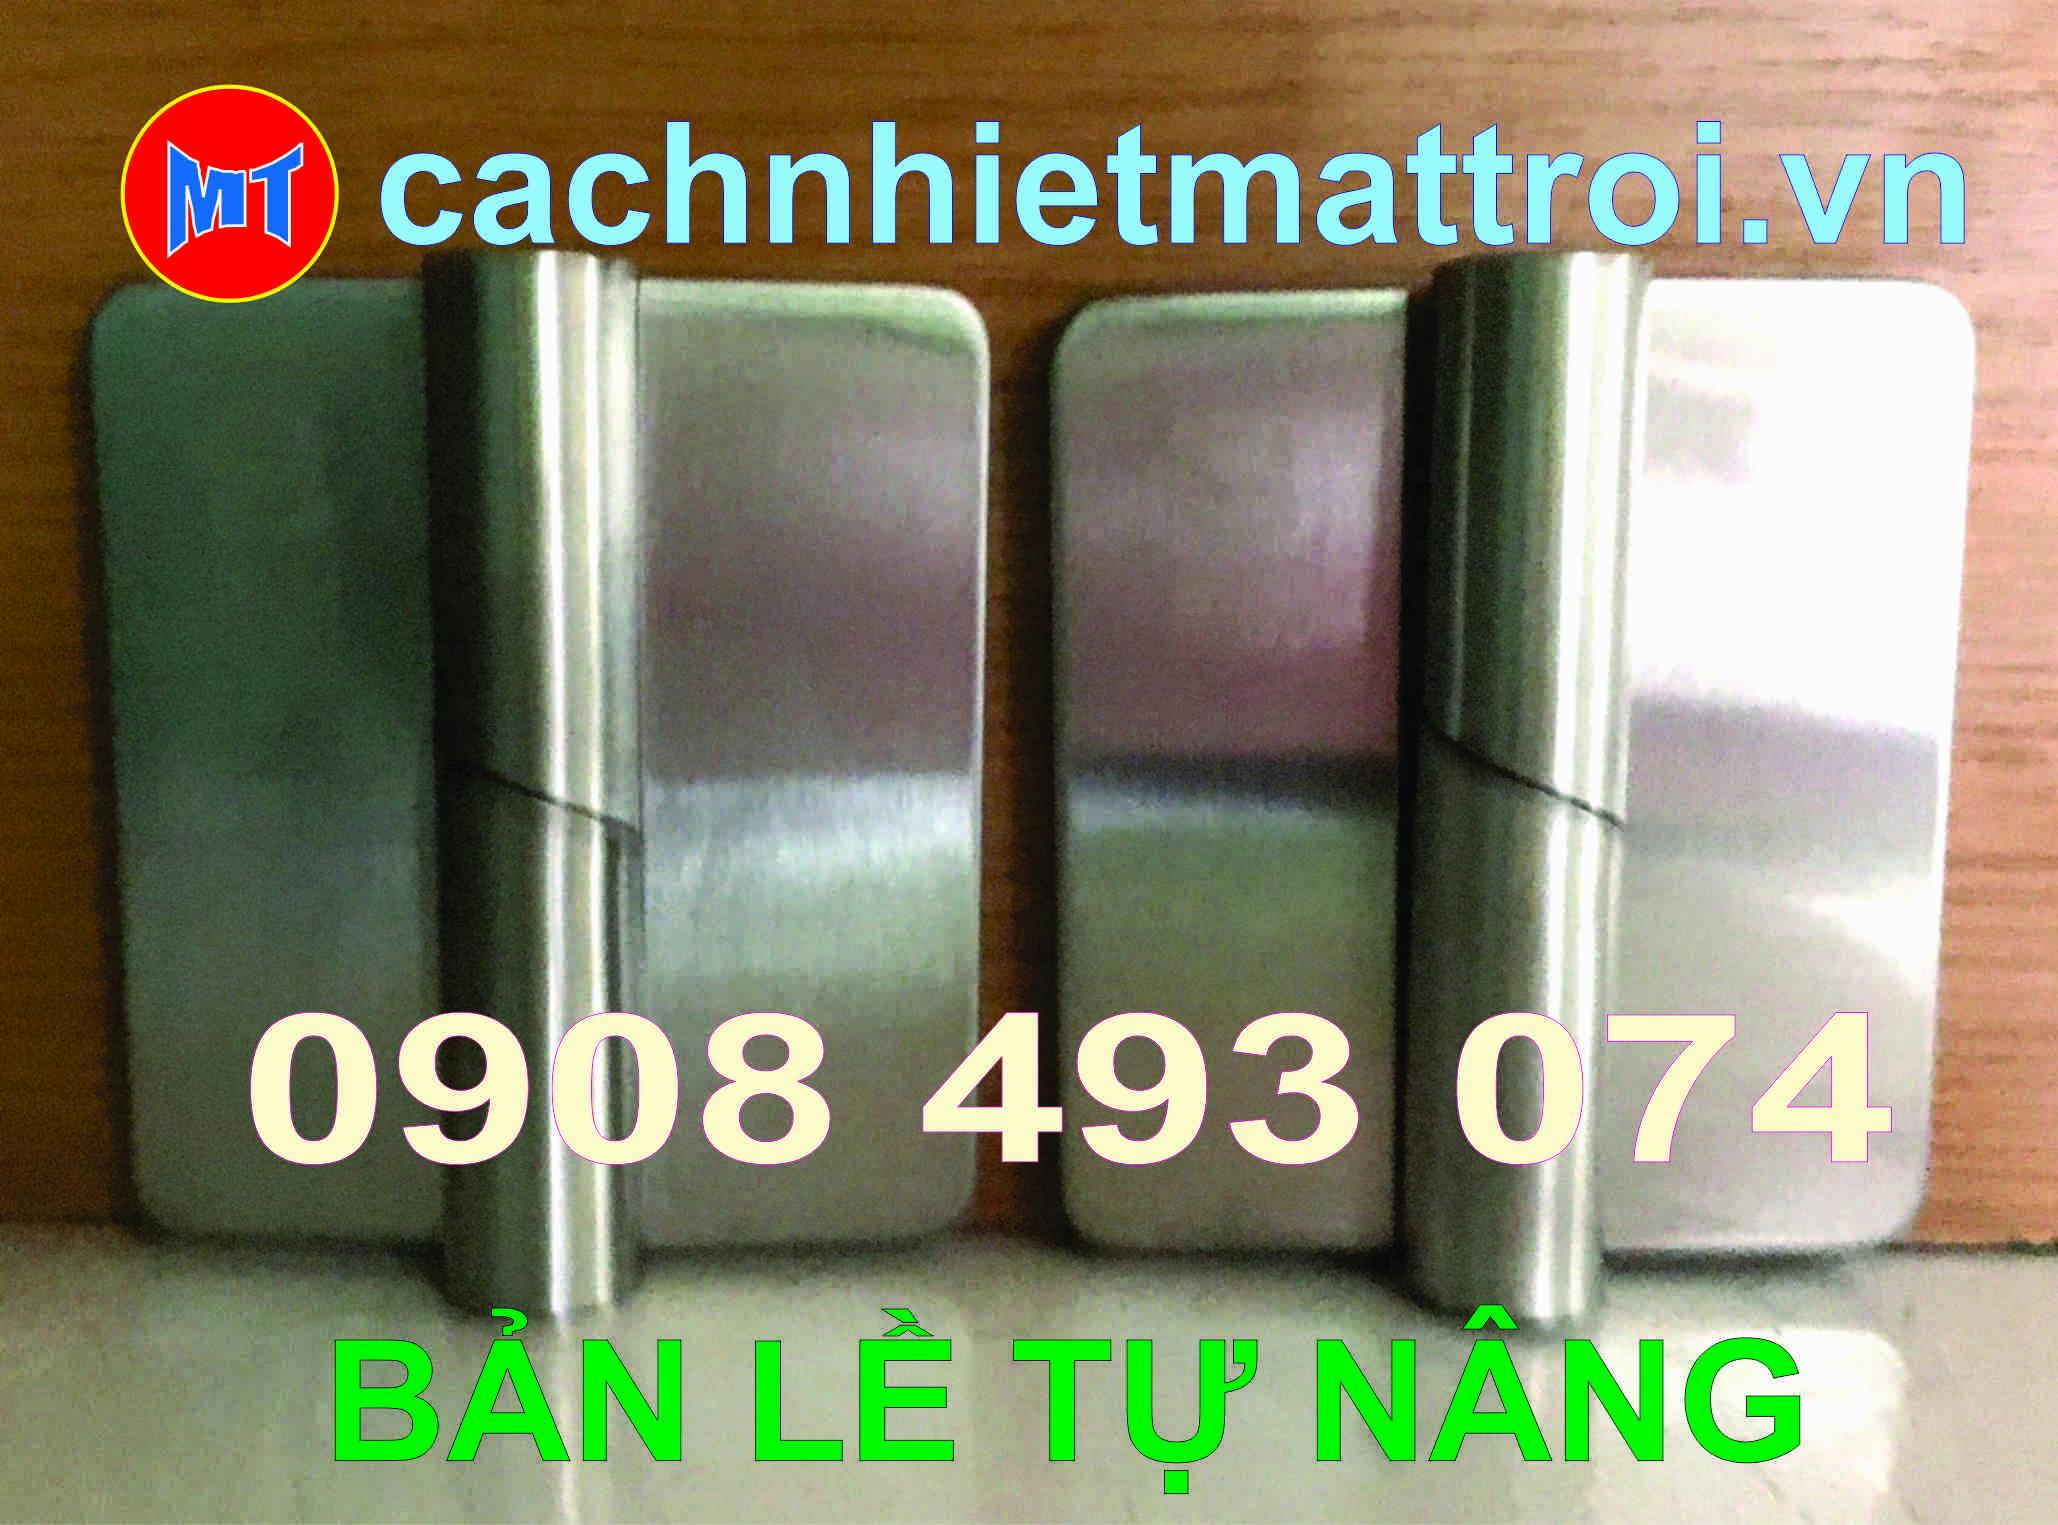 hình 2 BẢN LỀ TỰ NÂNG INOX 304 - BẢN LỀ CỬA PANEL PHÒNG SẠCH